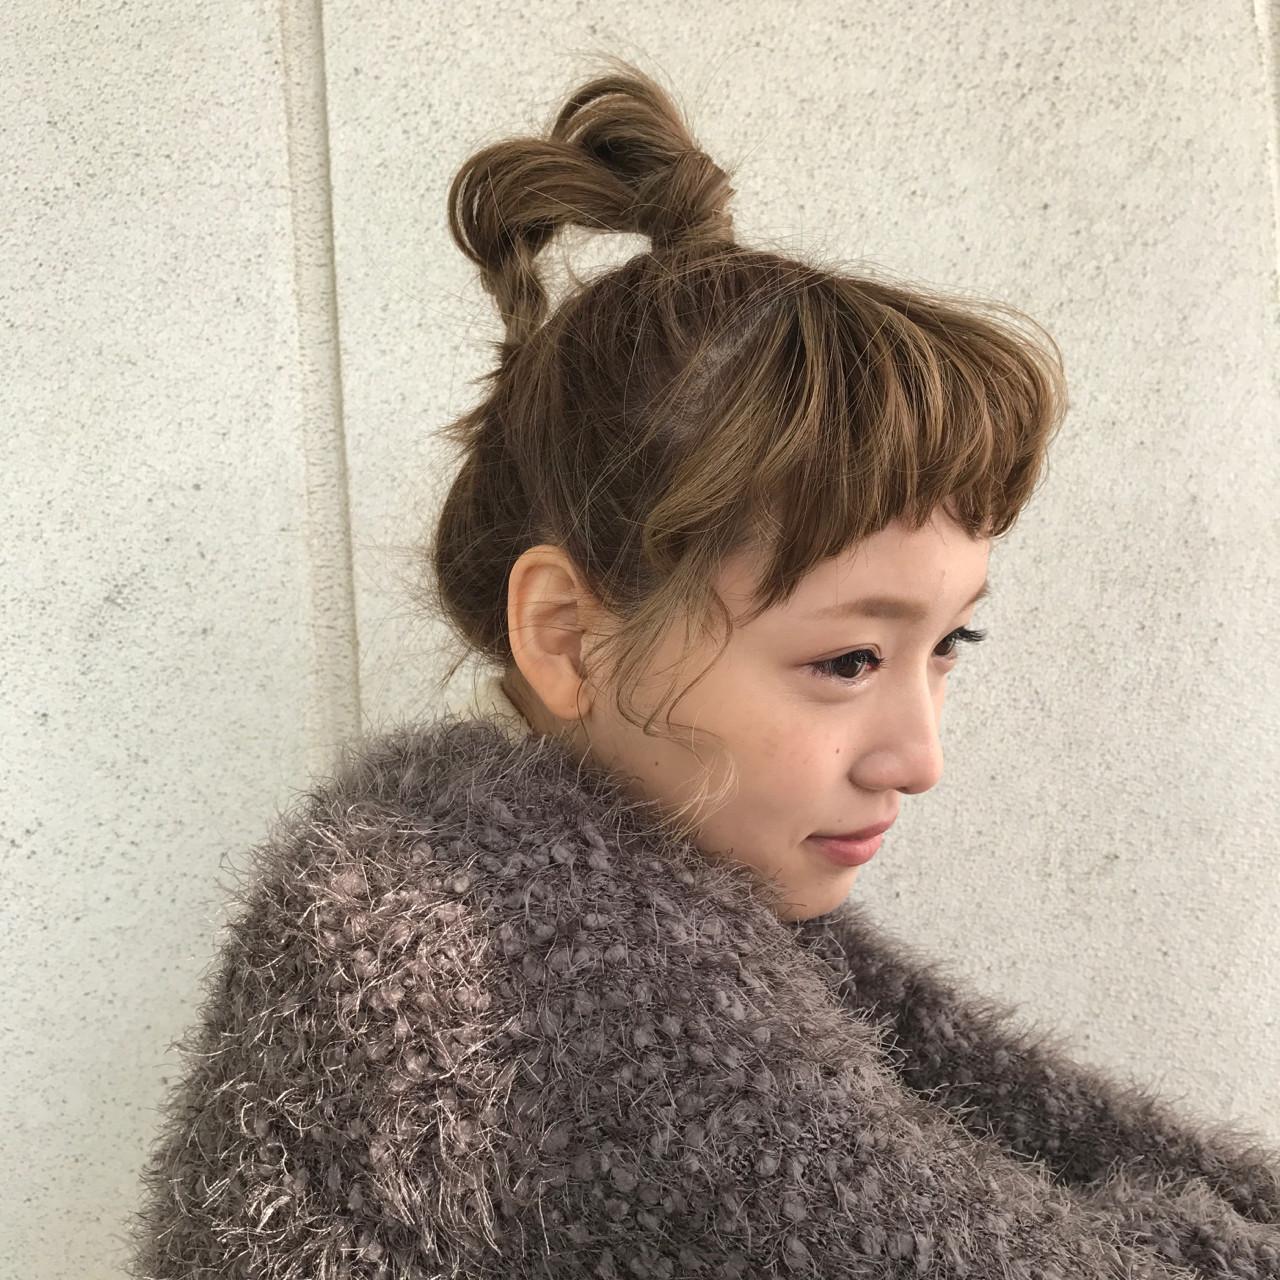 ガーリーなポニーテールの簡単アレンジヘア3 吉田将大 | Ricetto